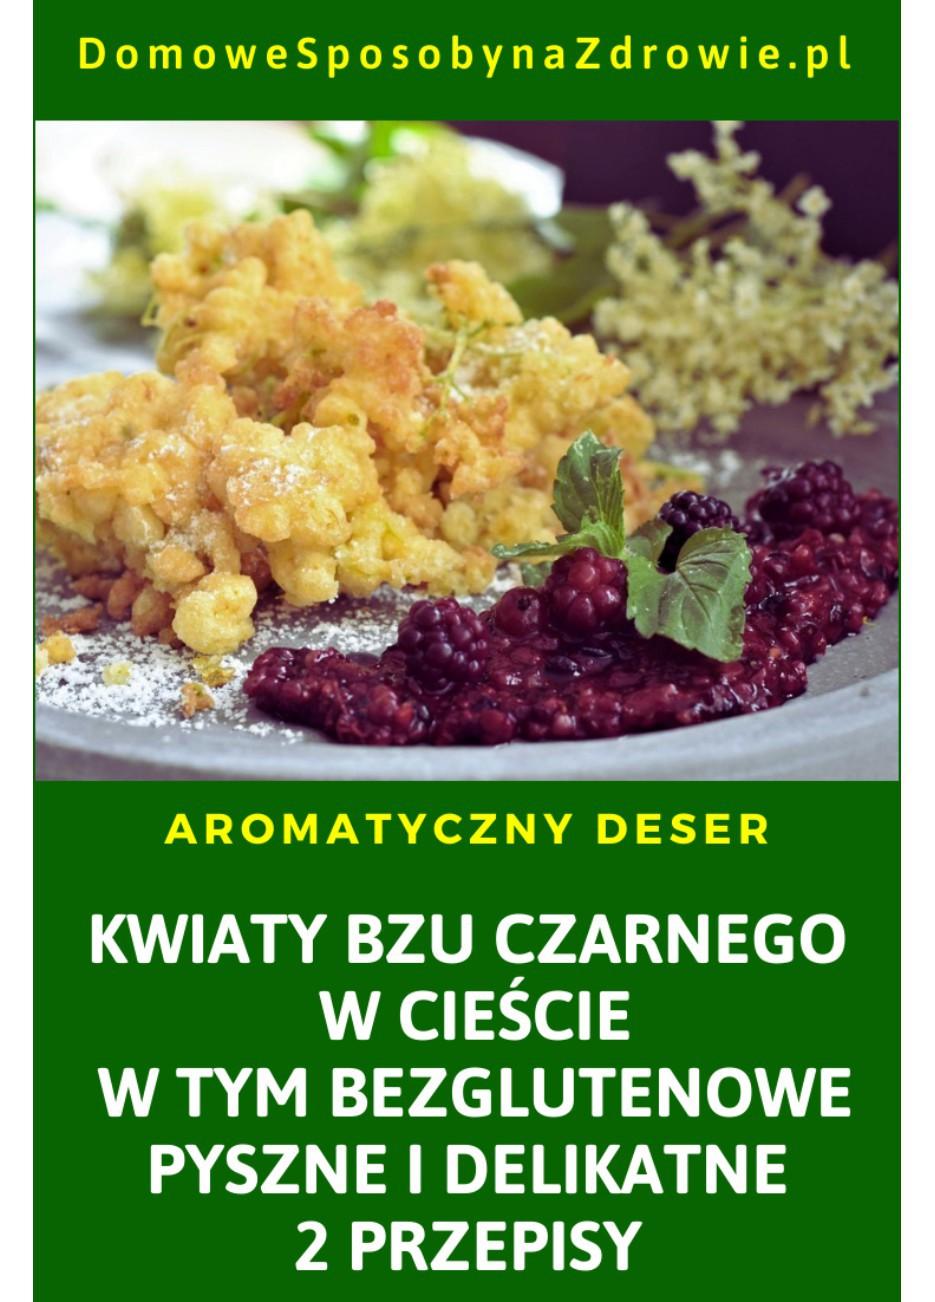 DomowesposobyNaZdrowie.pl-kwiaty-bzu-czarnego-w-ciescie